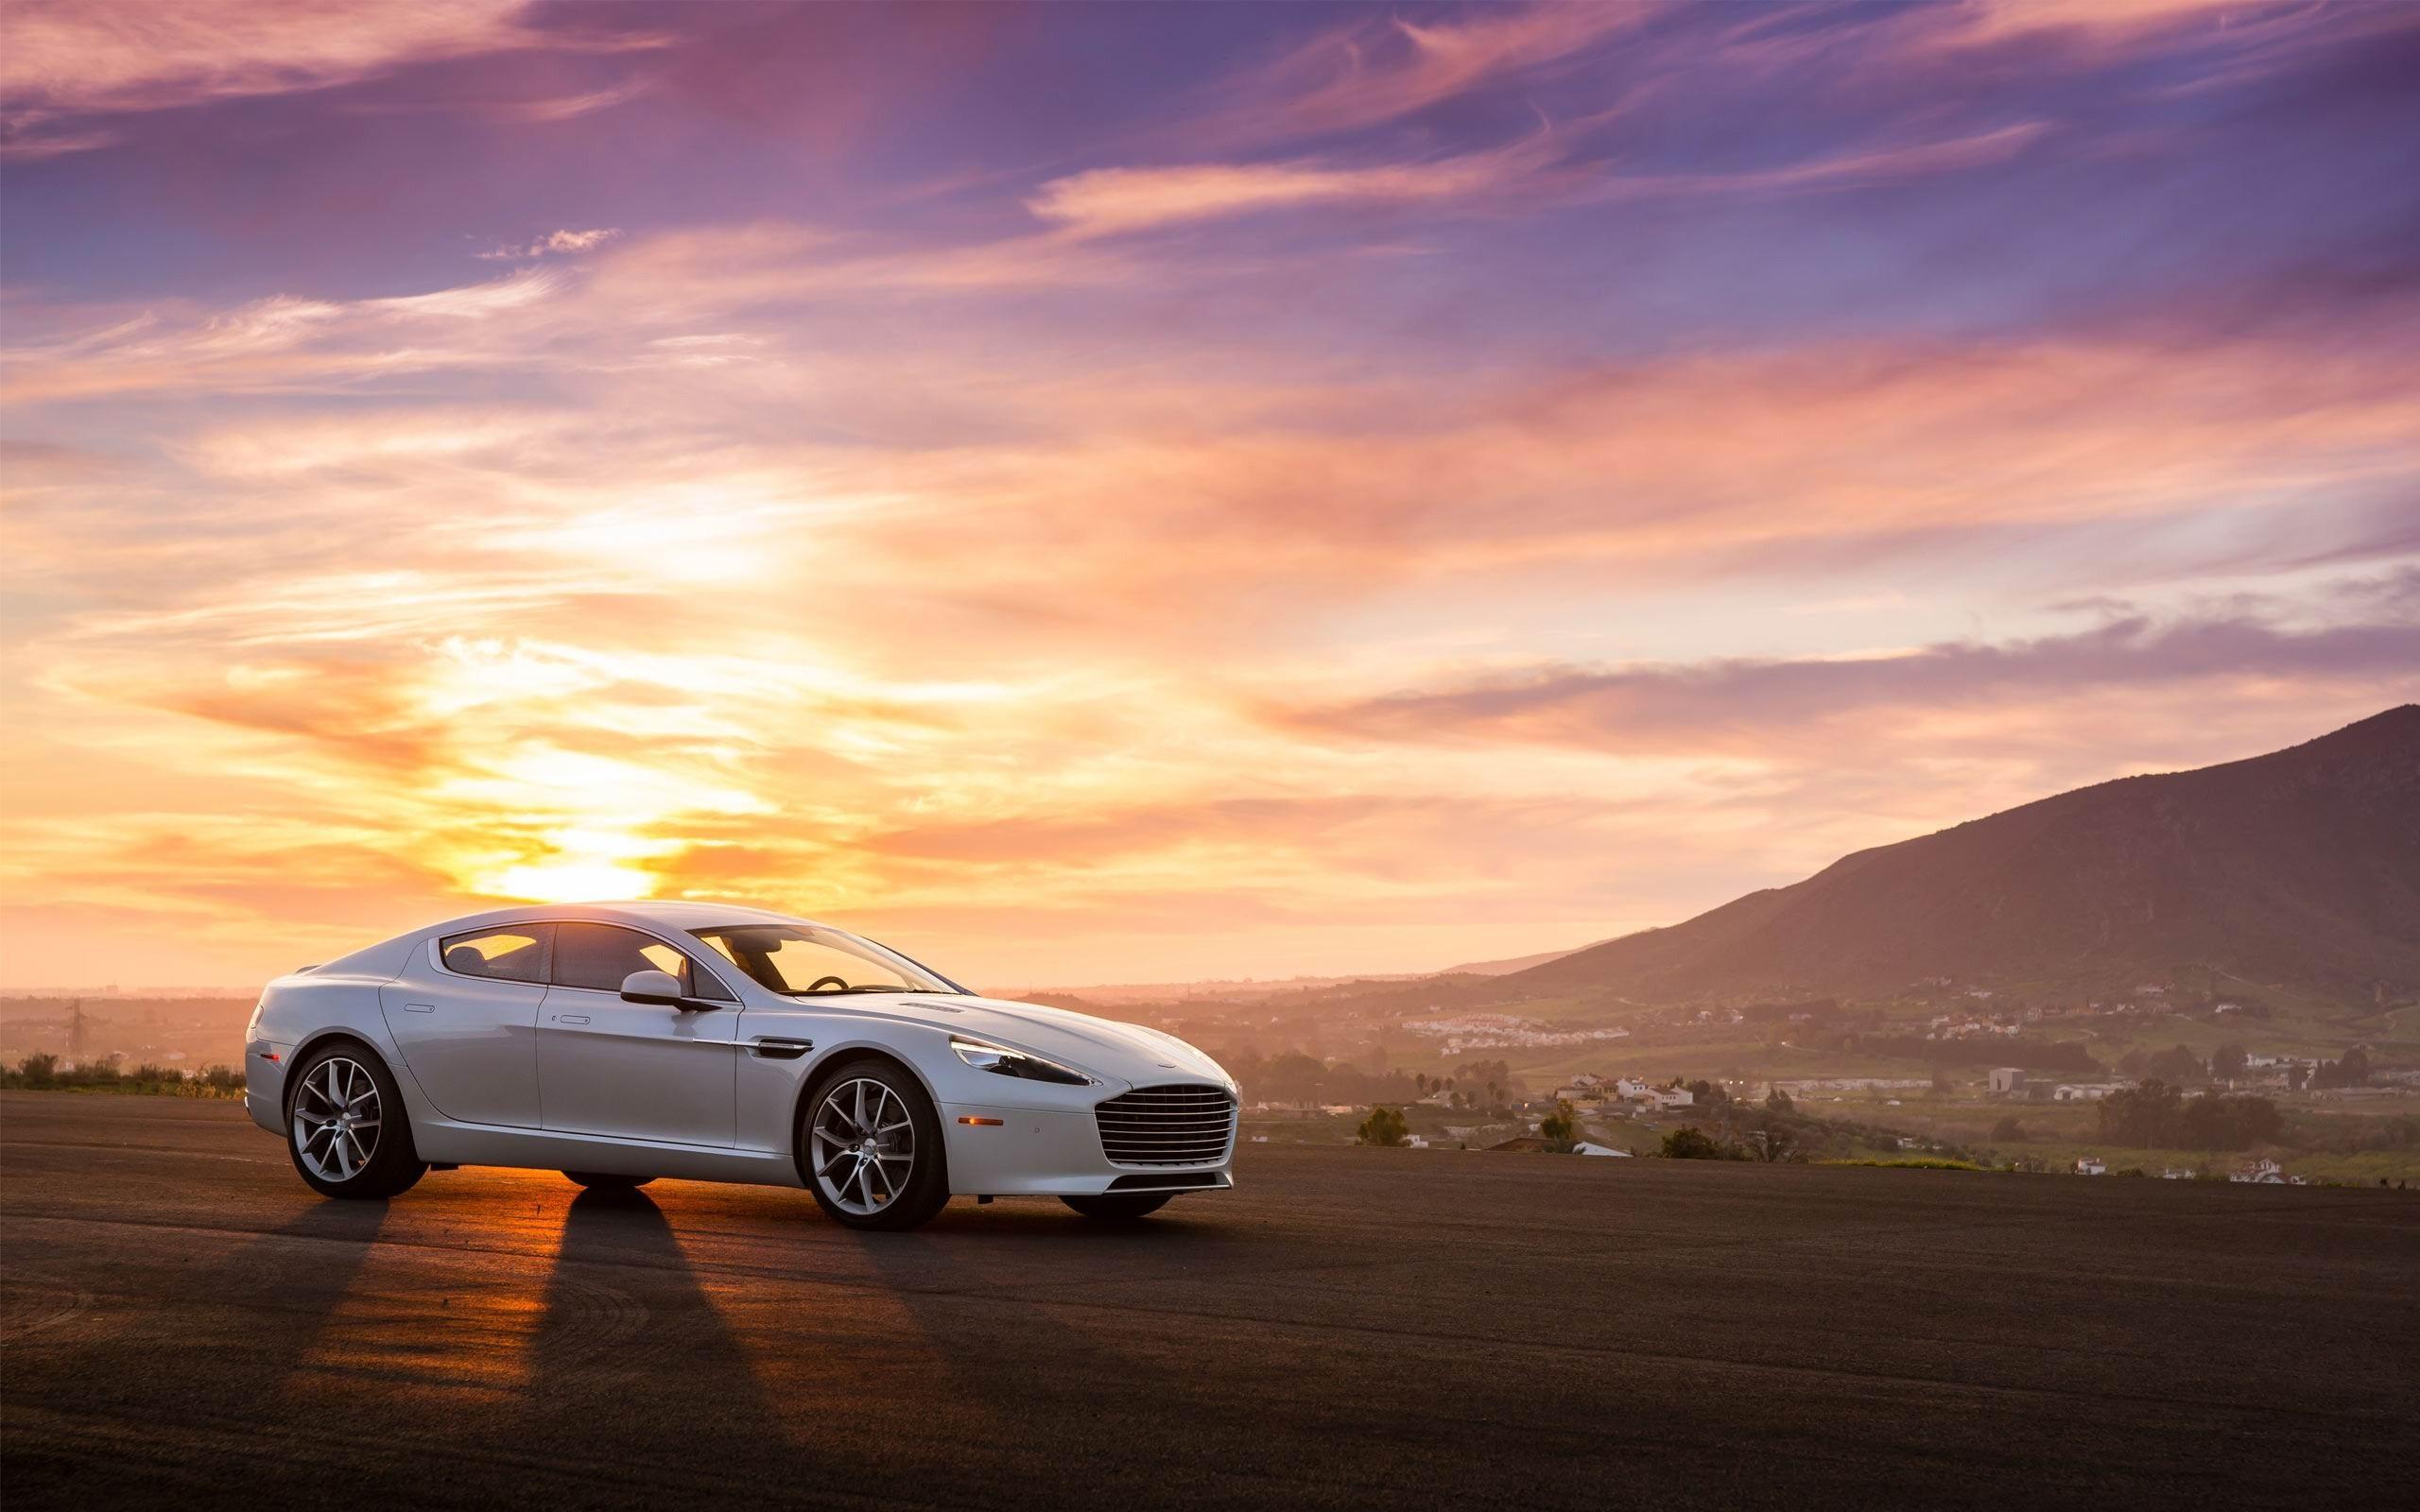 Aston martin на пустынной дороге скачать